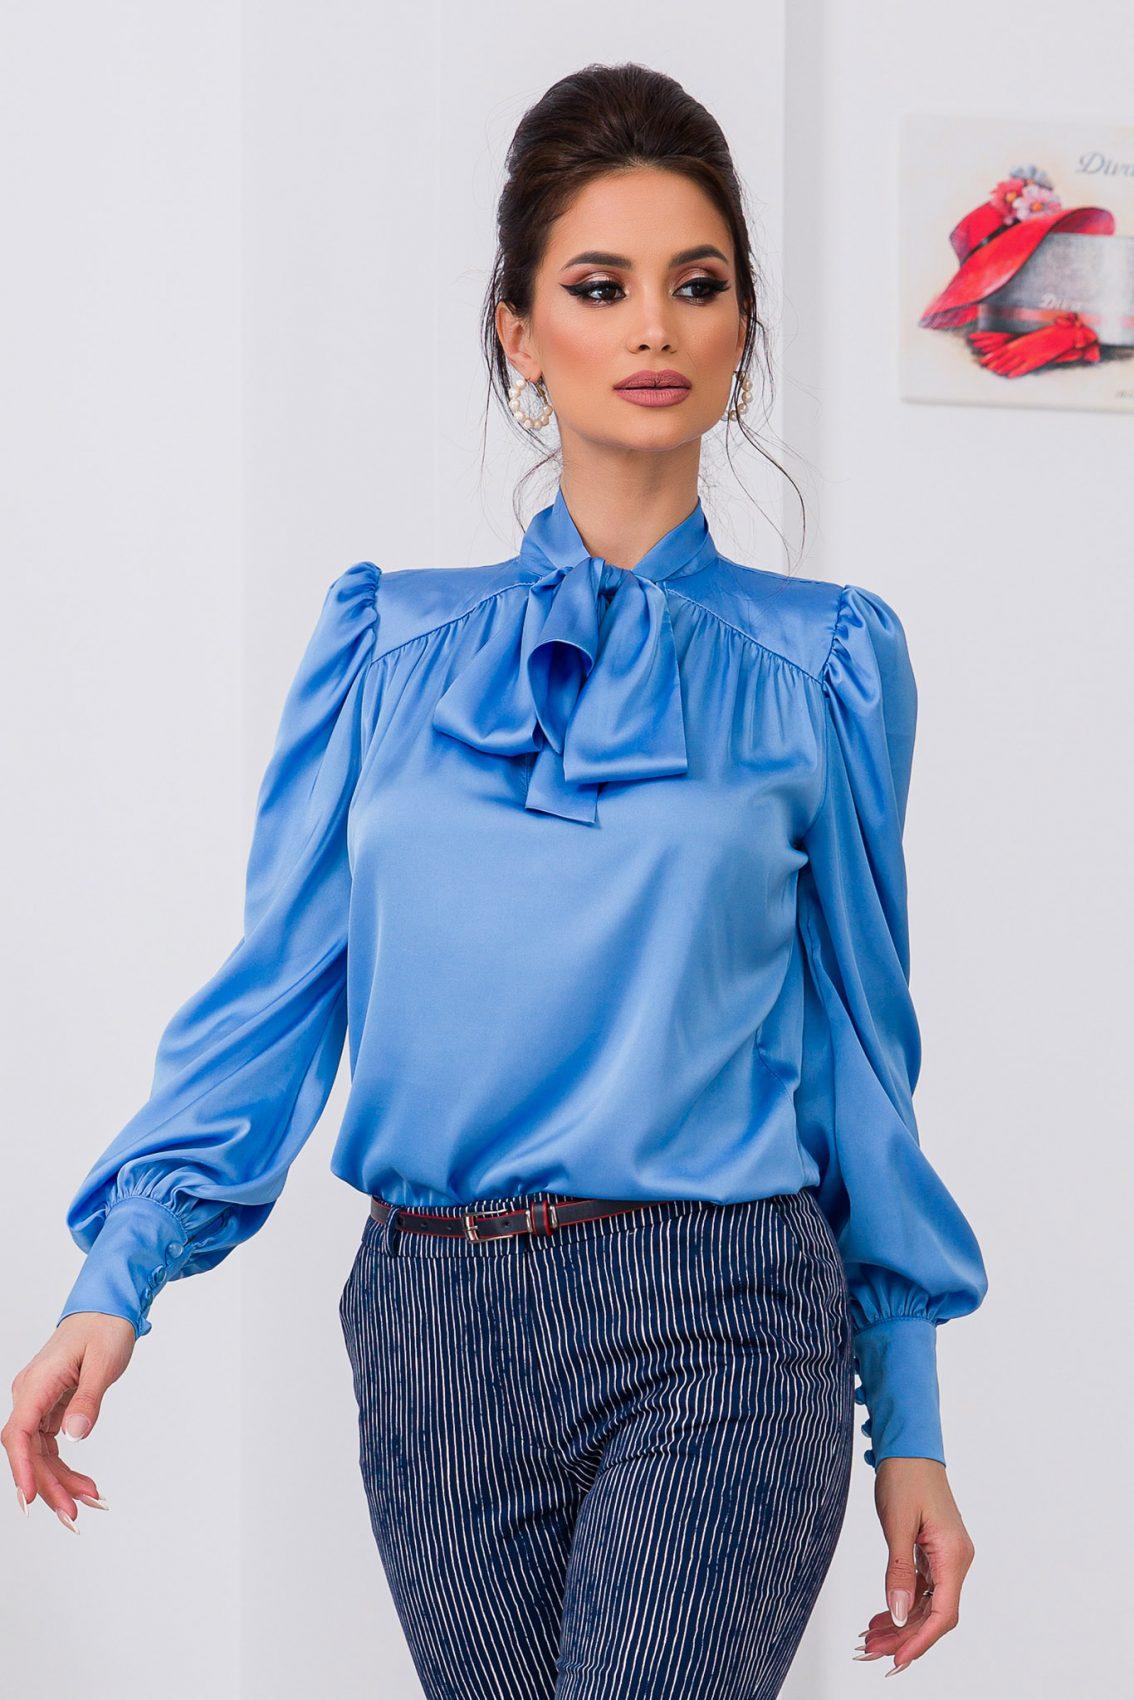 Μπλε Σατέν Μπλούζα Με Φιόγκο Angie 9696 1